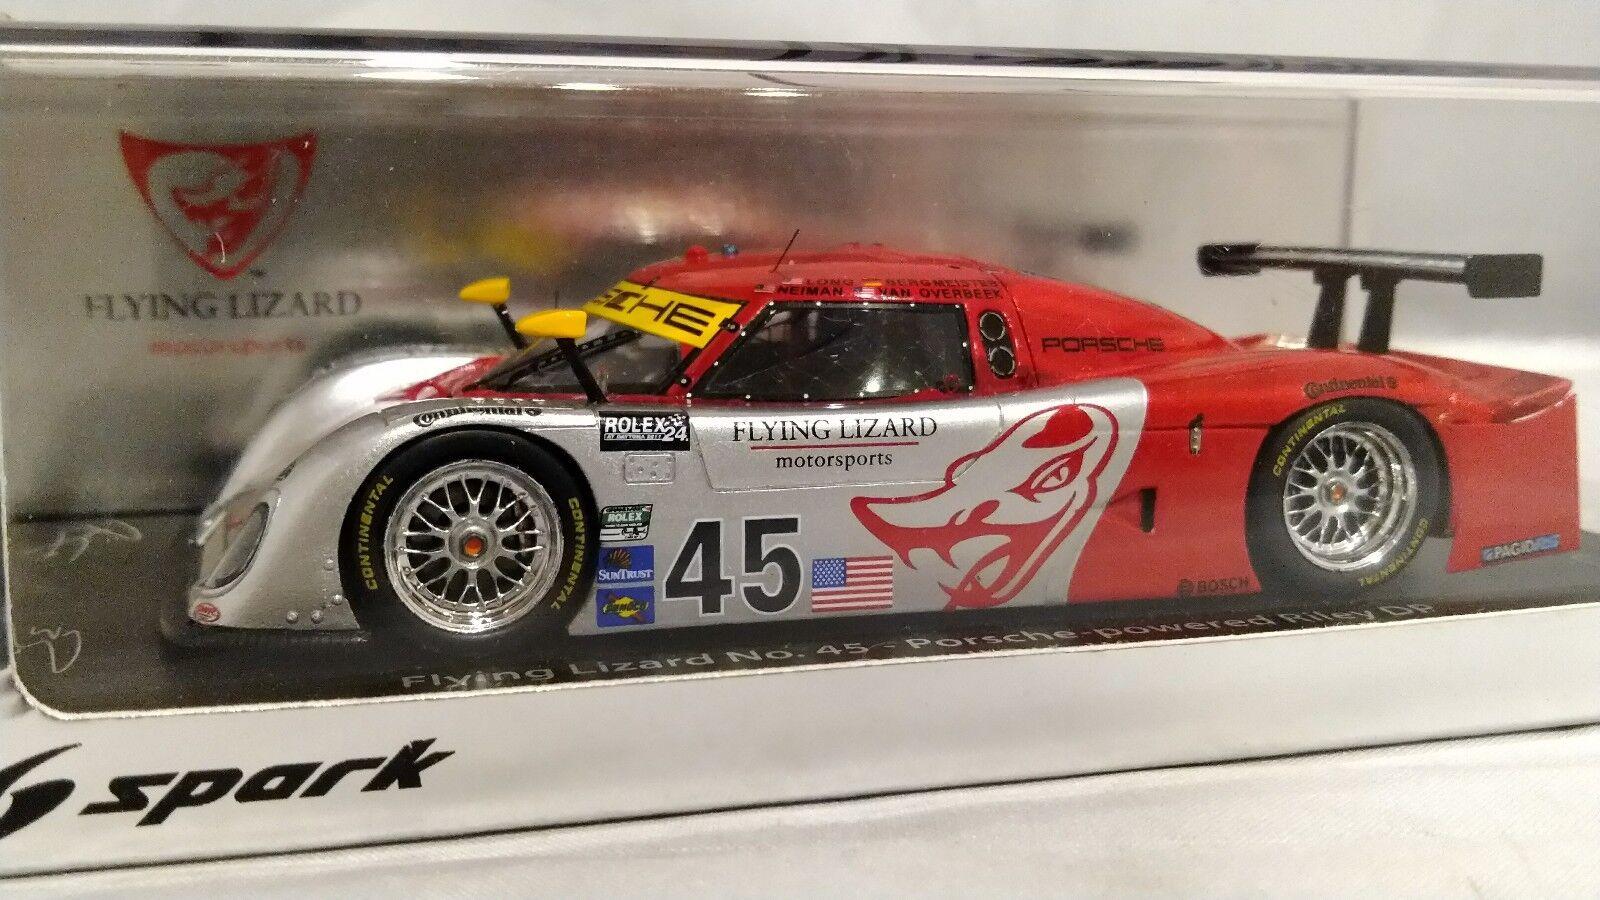 Todos los productos obtienen hasta un 34% de descuento. Autografiada  Spark 1 1 1 43 Flying Lizard RILEY MKXX Porsche Polo 2011 Daytona 24h  Con 100% de calidad y servicio de% 100.